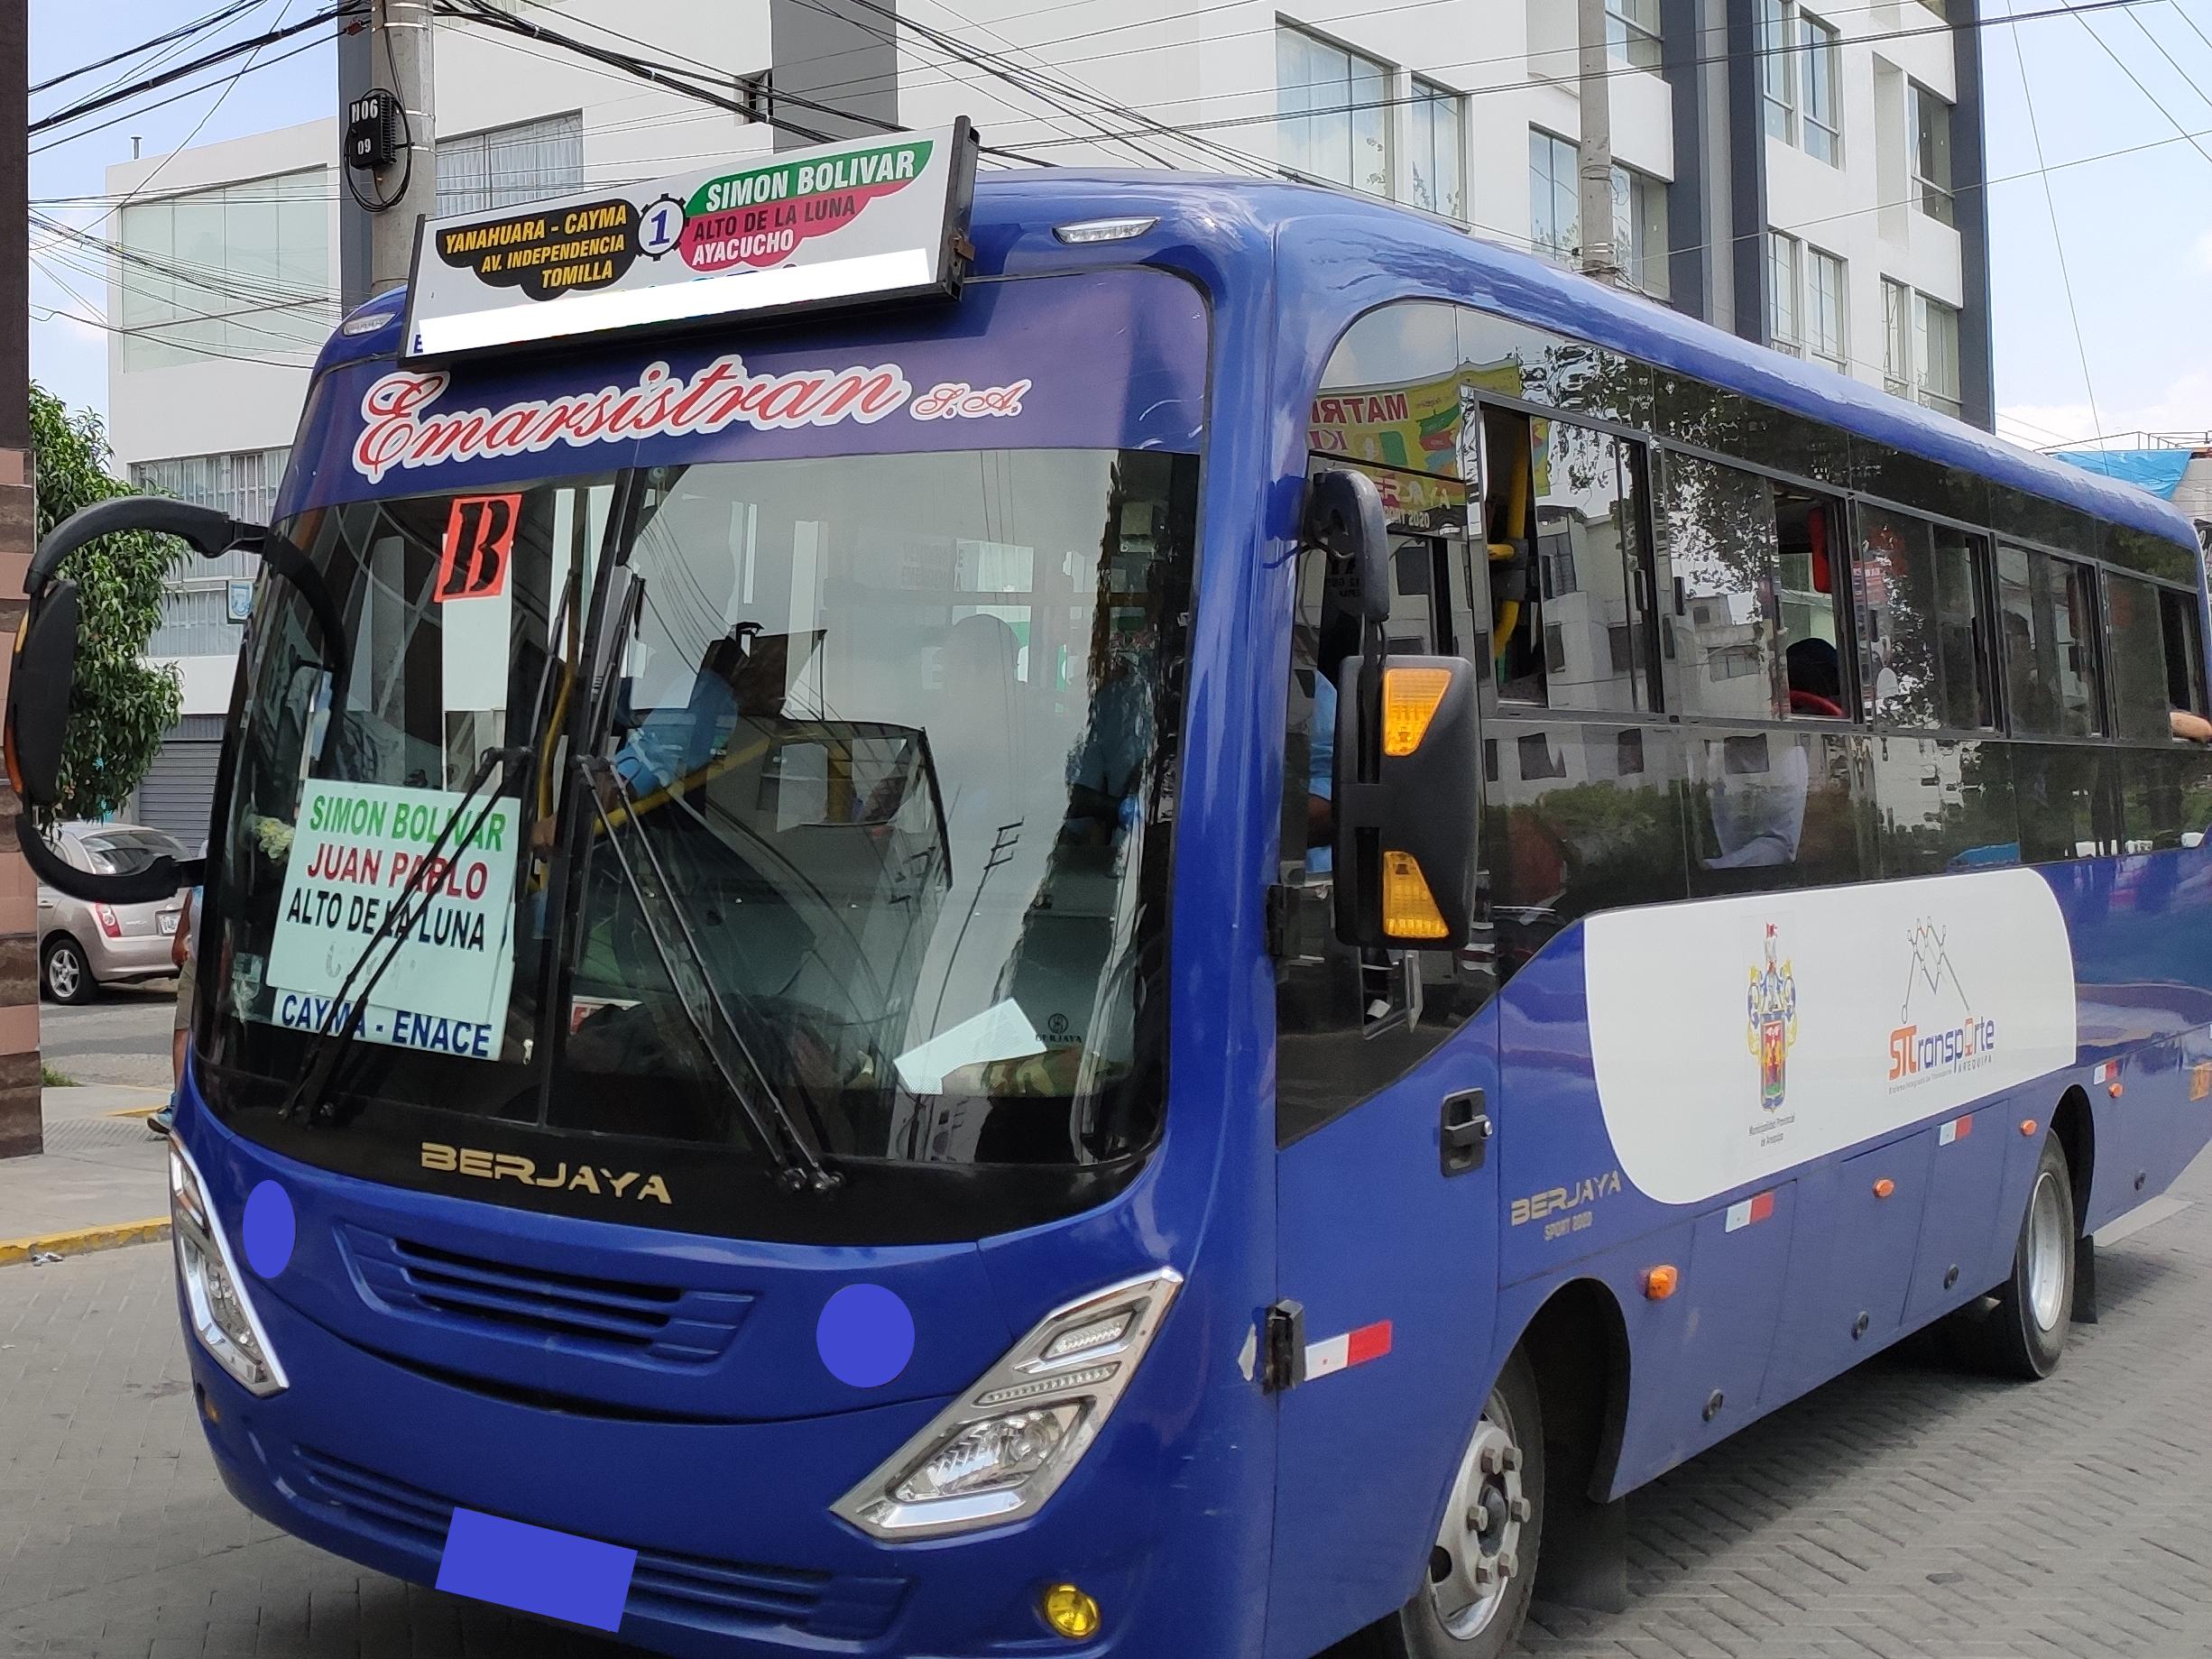 Sistema Integrado de Transporte de Arequipa - Wikipedia, la ...